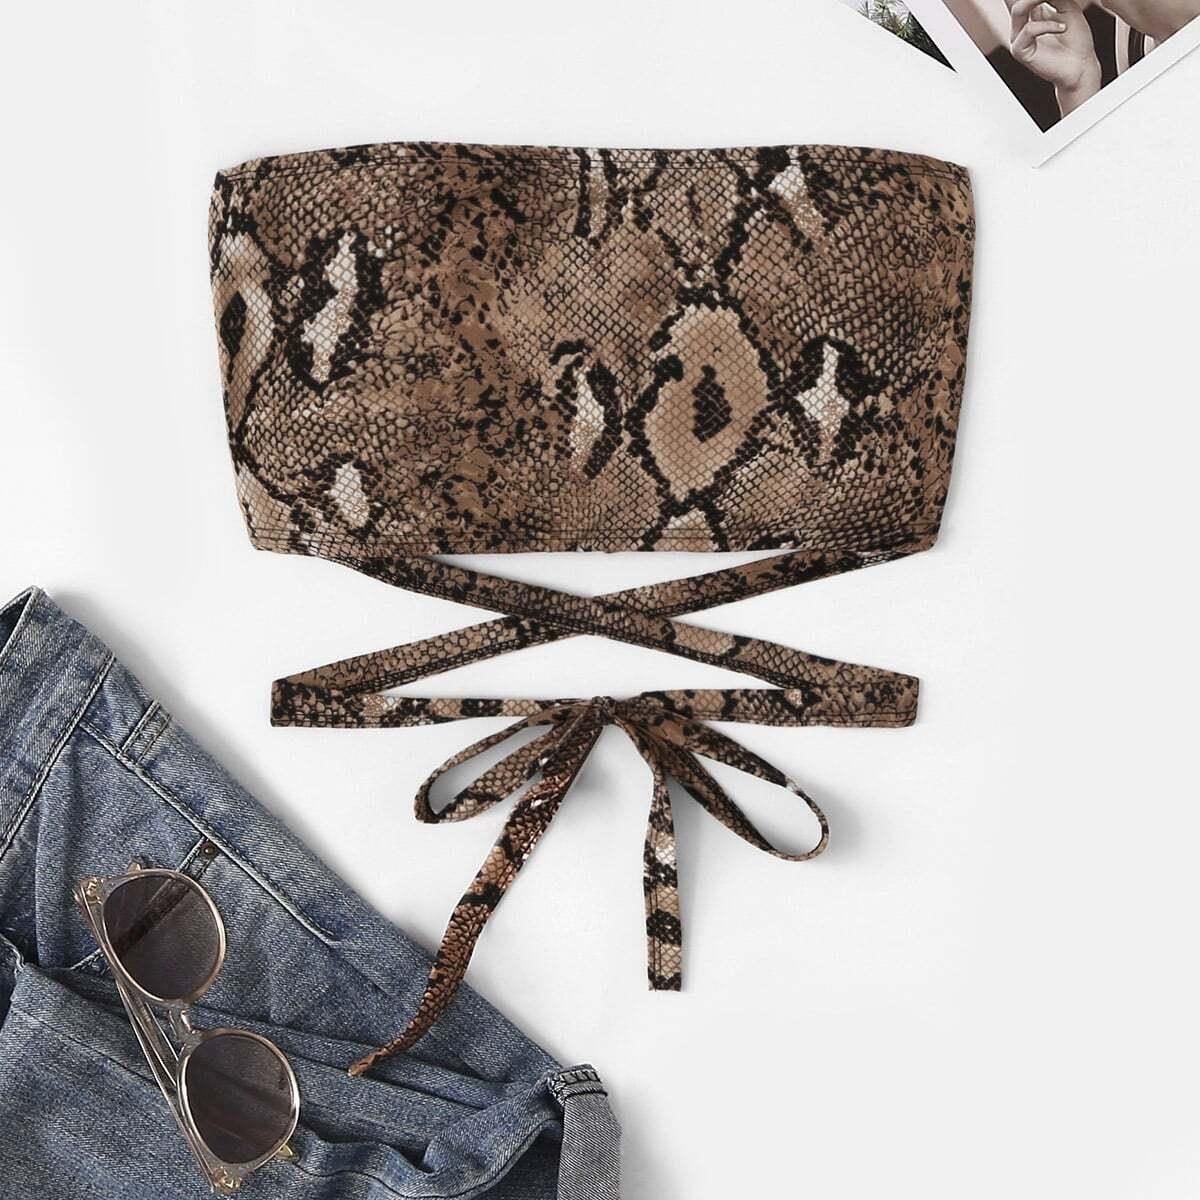 SHEIN / Top mit Schlange Muster, Kreuzgurte und Knoten